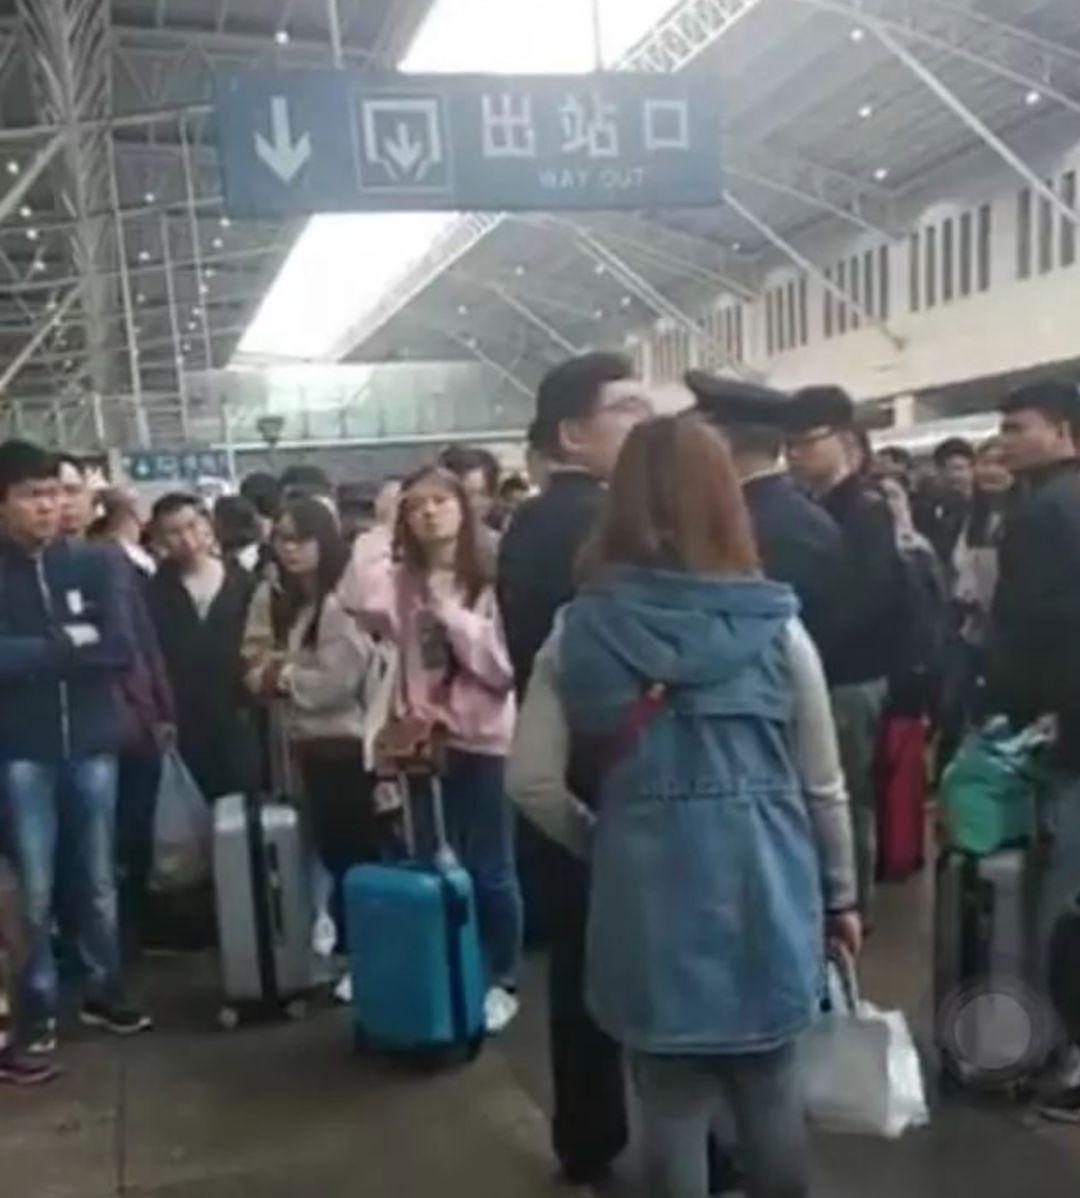 火车又超载啦!淄博站有票上不了车!?……网友:凭什么让守规矩的吃亏!